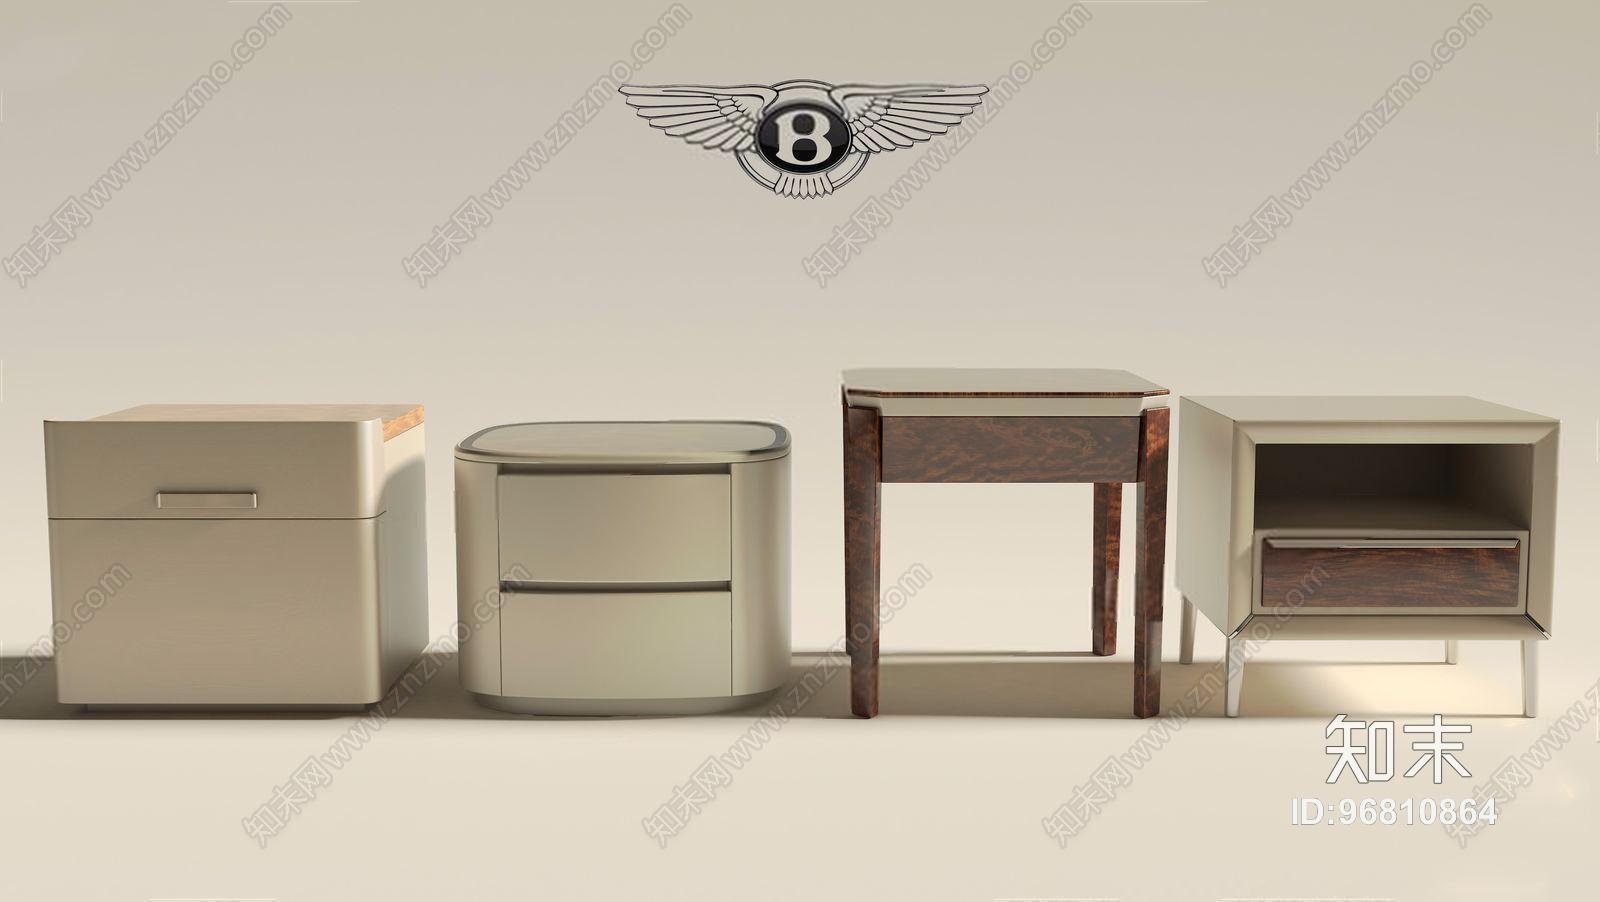 意大利 宾利 Bentley Home床头柜 现代床头柜 边几 意大利 Bentley Home 宾利